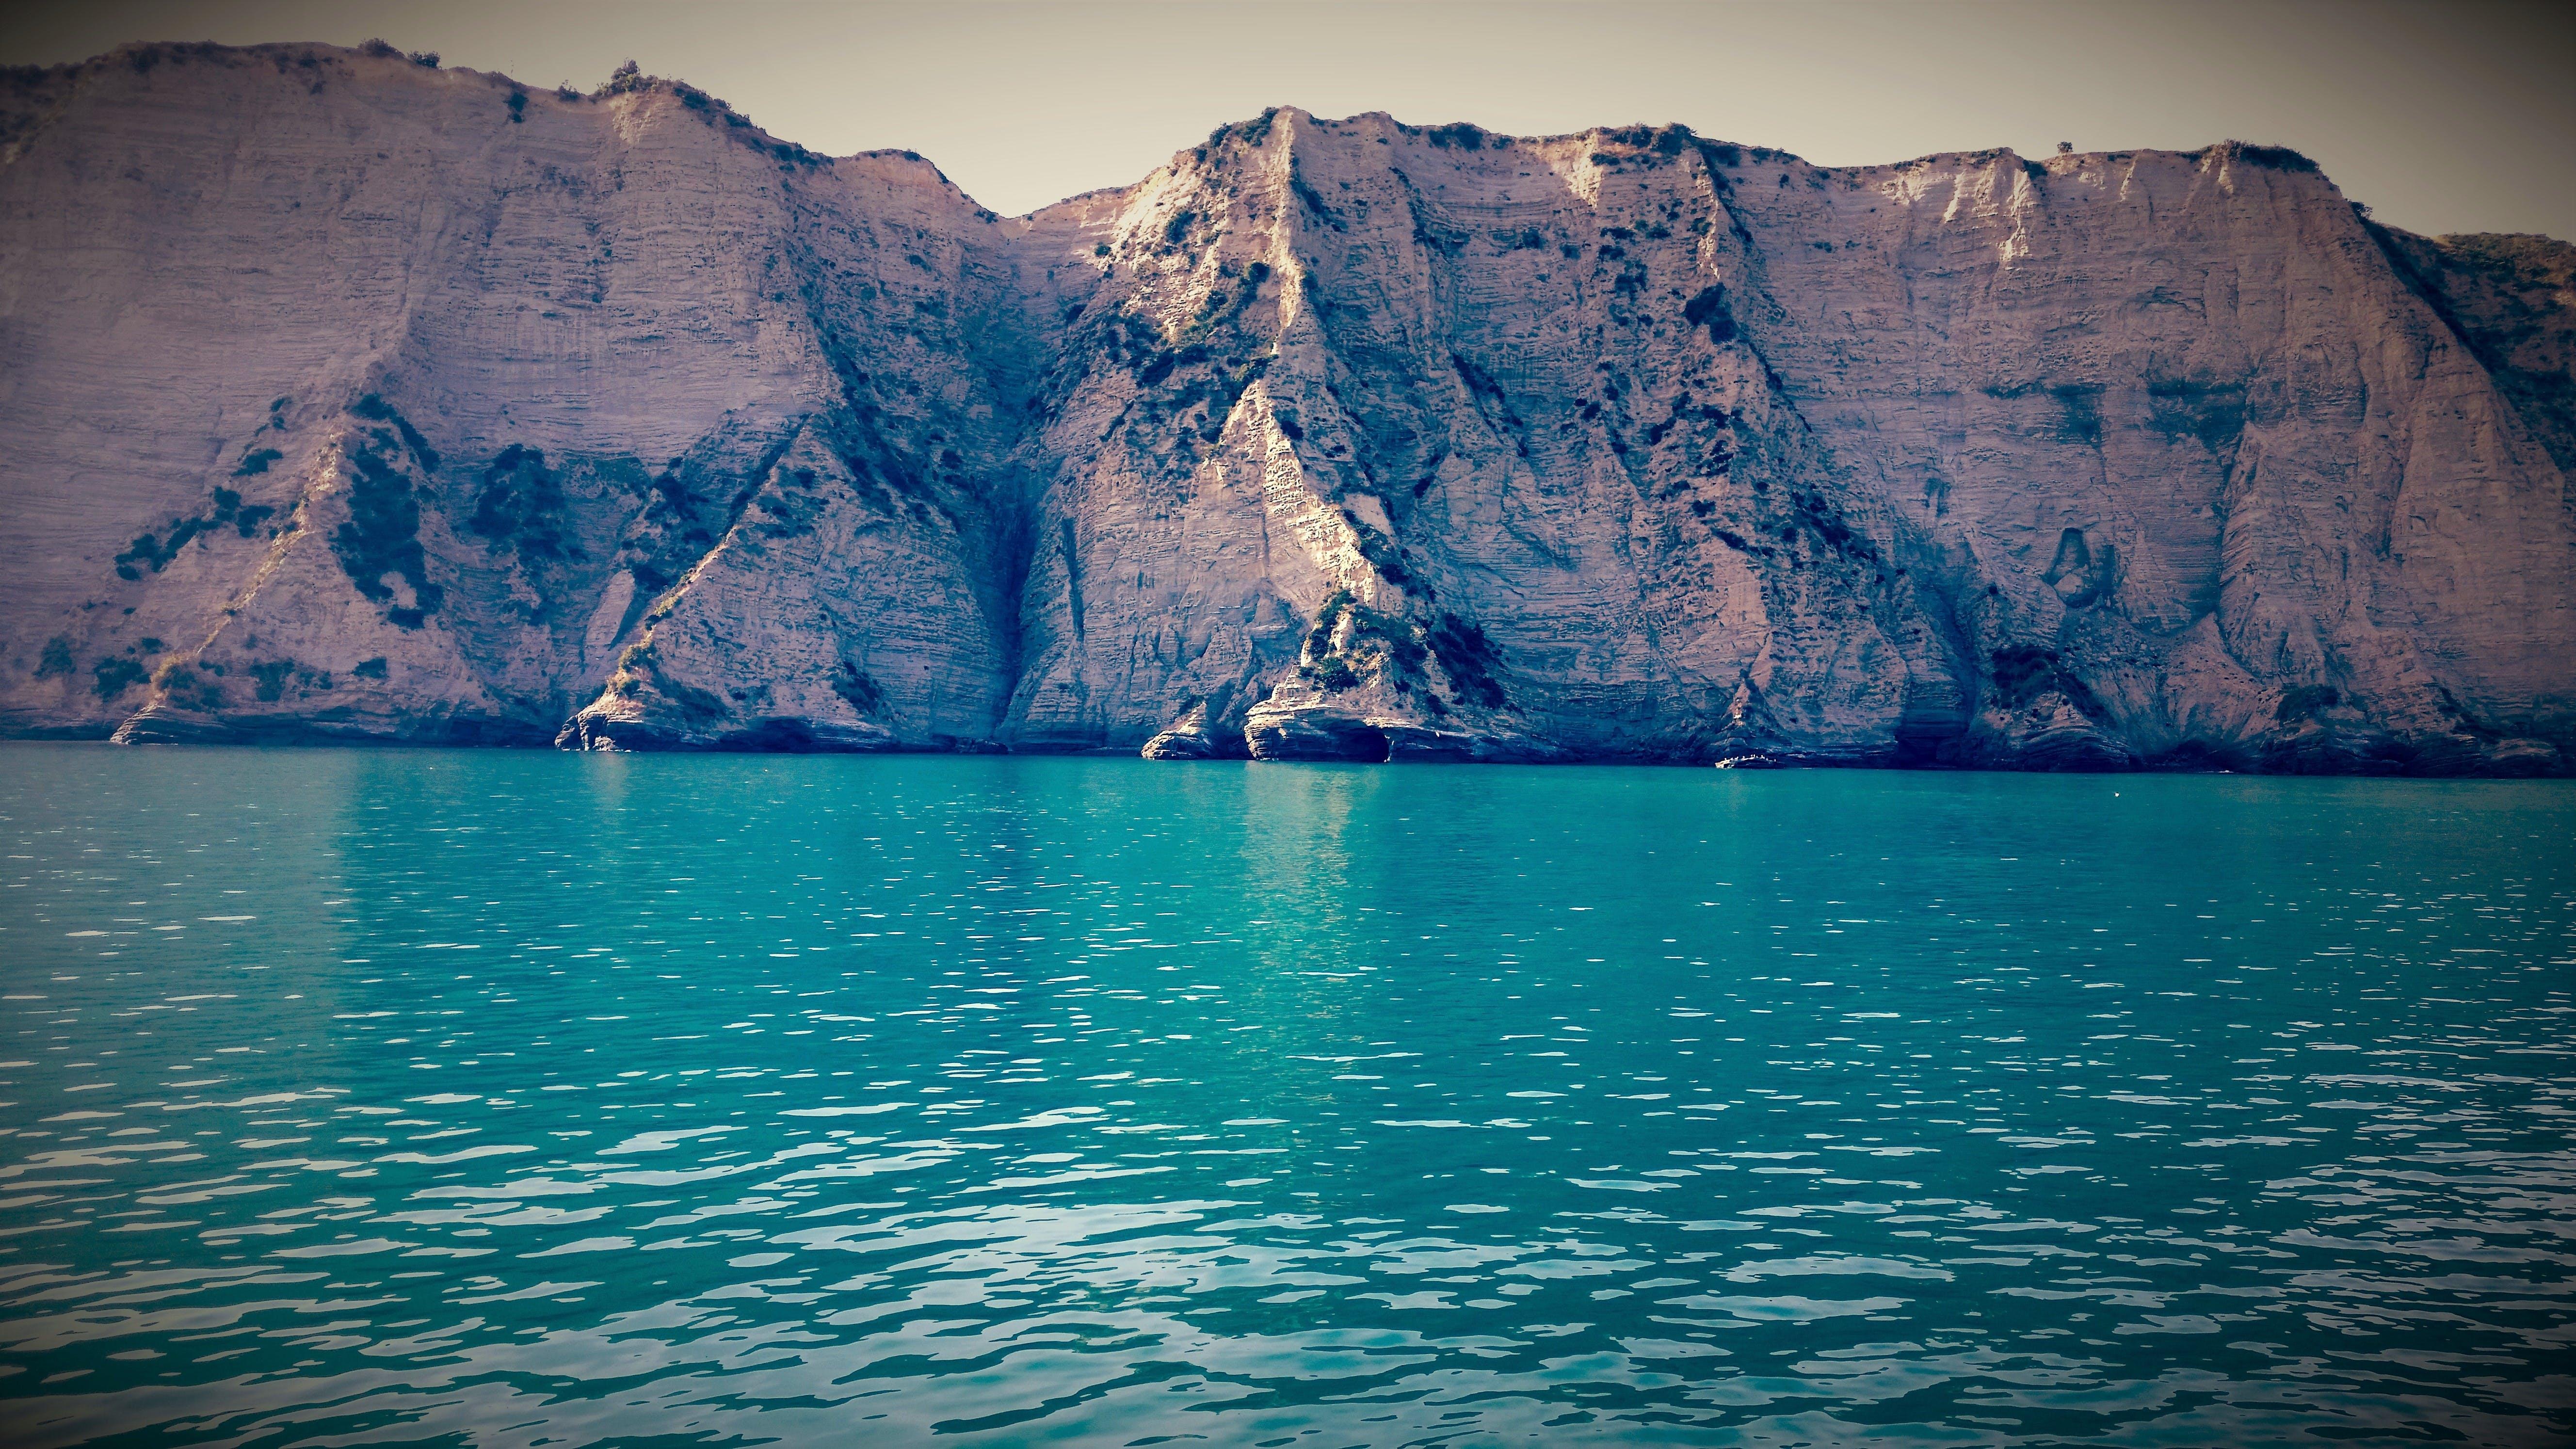 Gratis stockfoto met baai, berg, blauw, blauwgroen